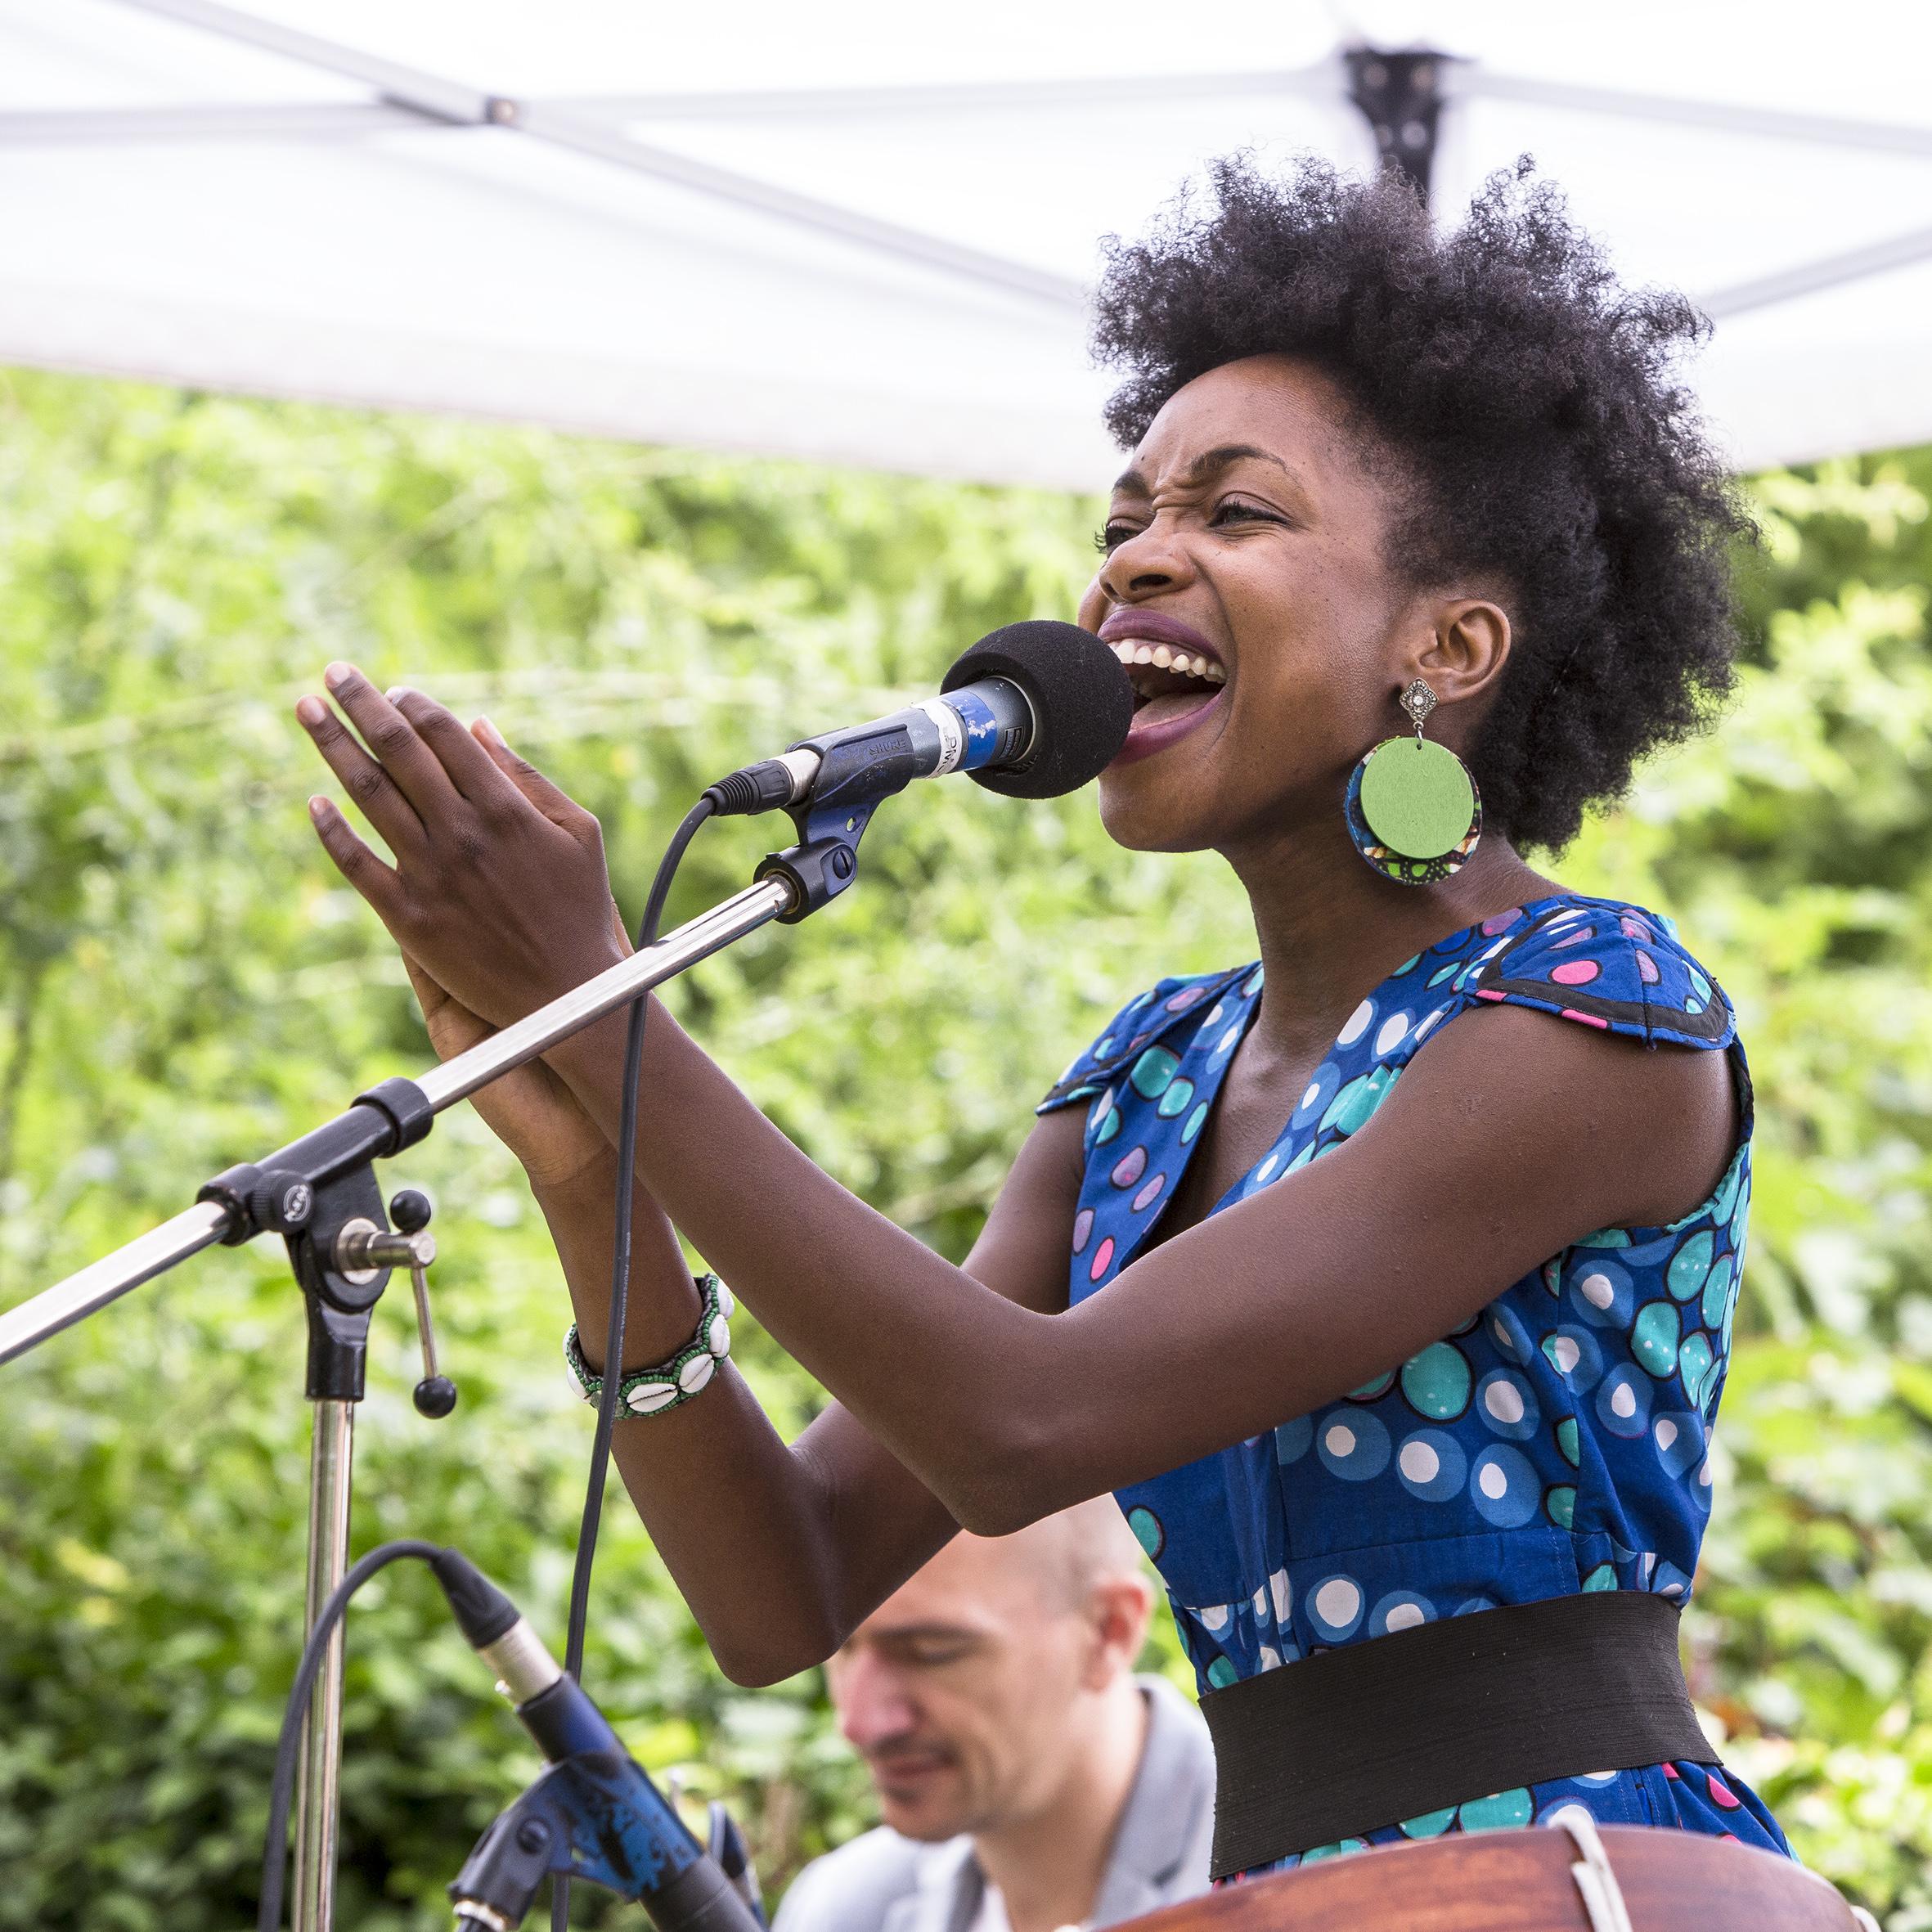 portraits-lucia-carvalho-festival-au-gr+¿s-du-jazz-la-petite-pierre-2015-marie-colette-becker-16